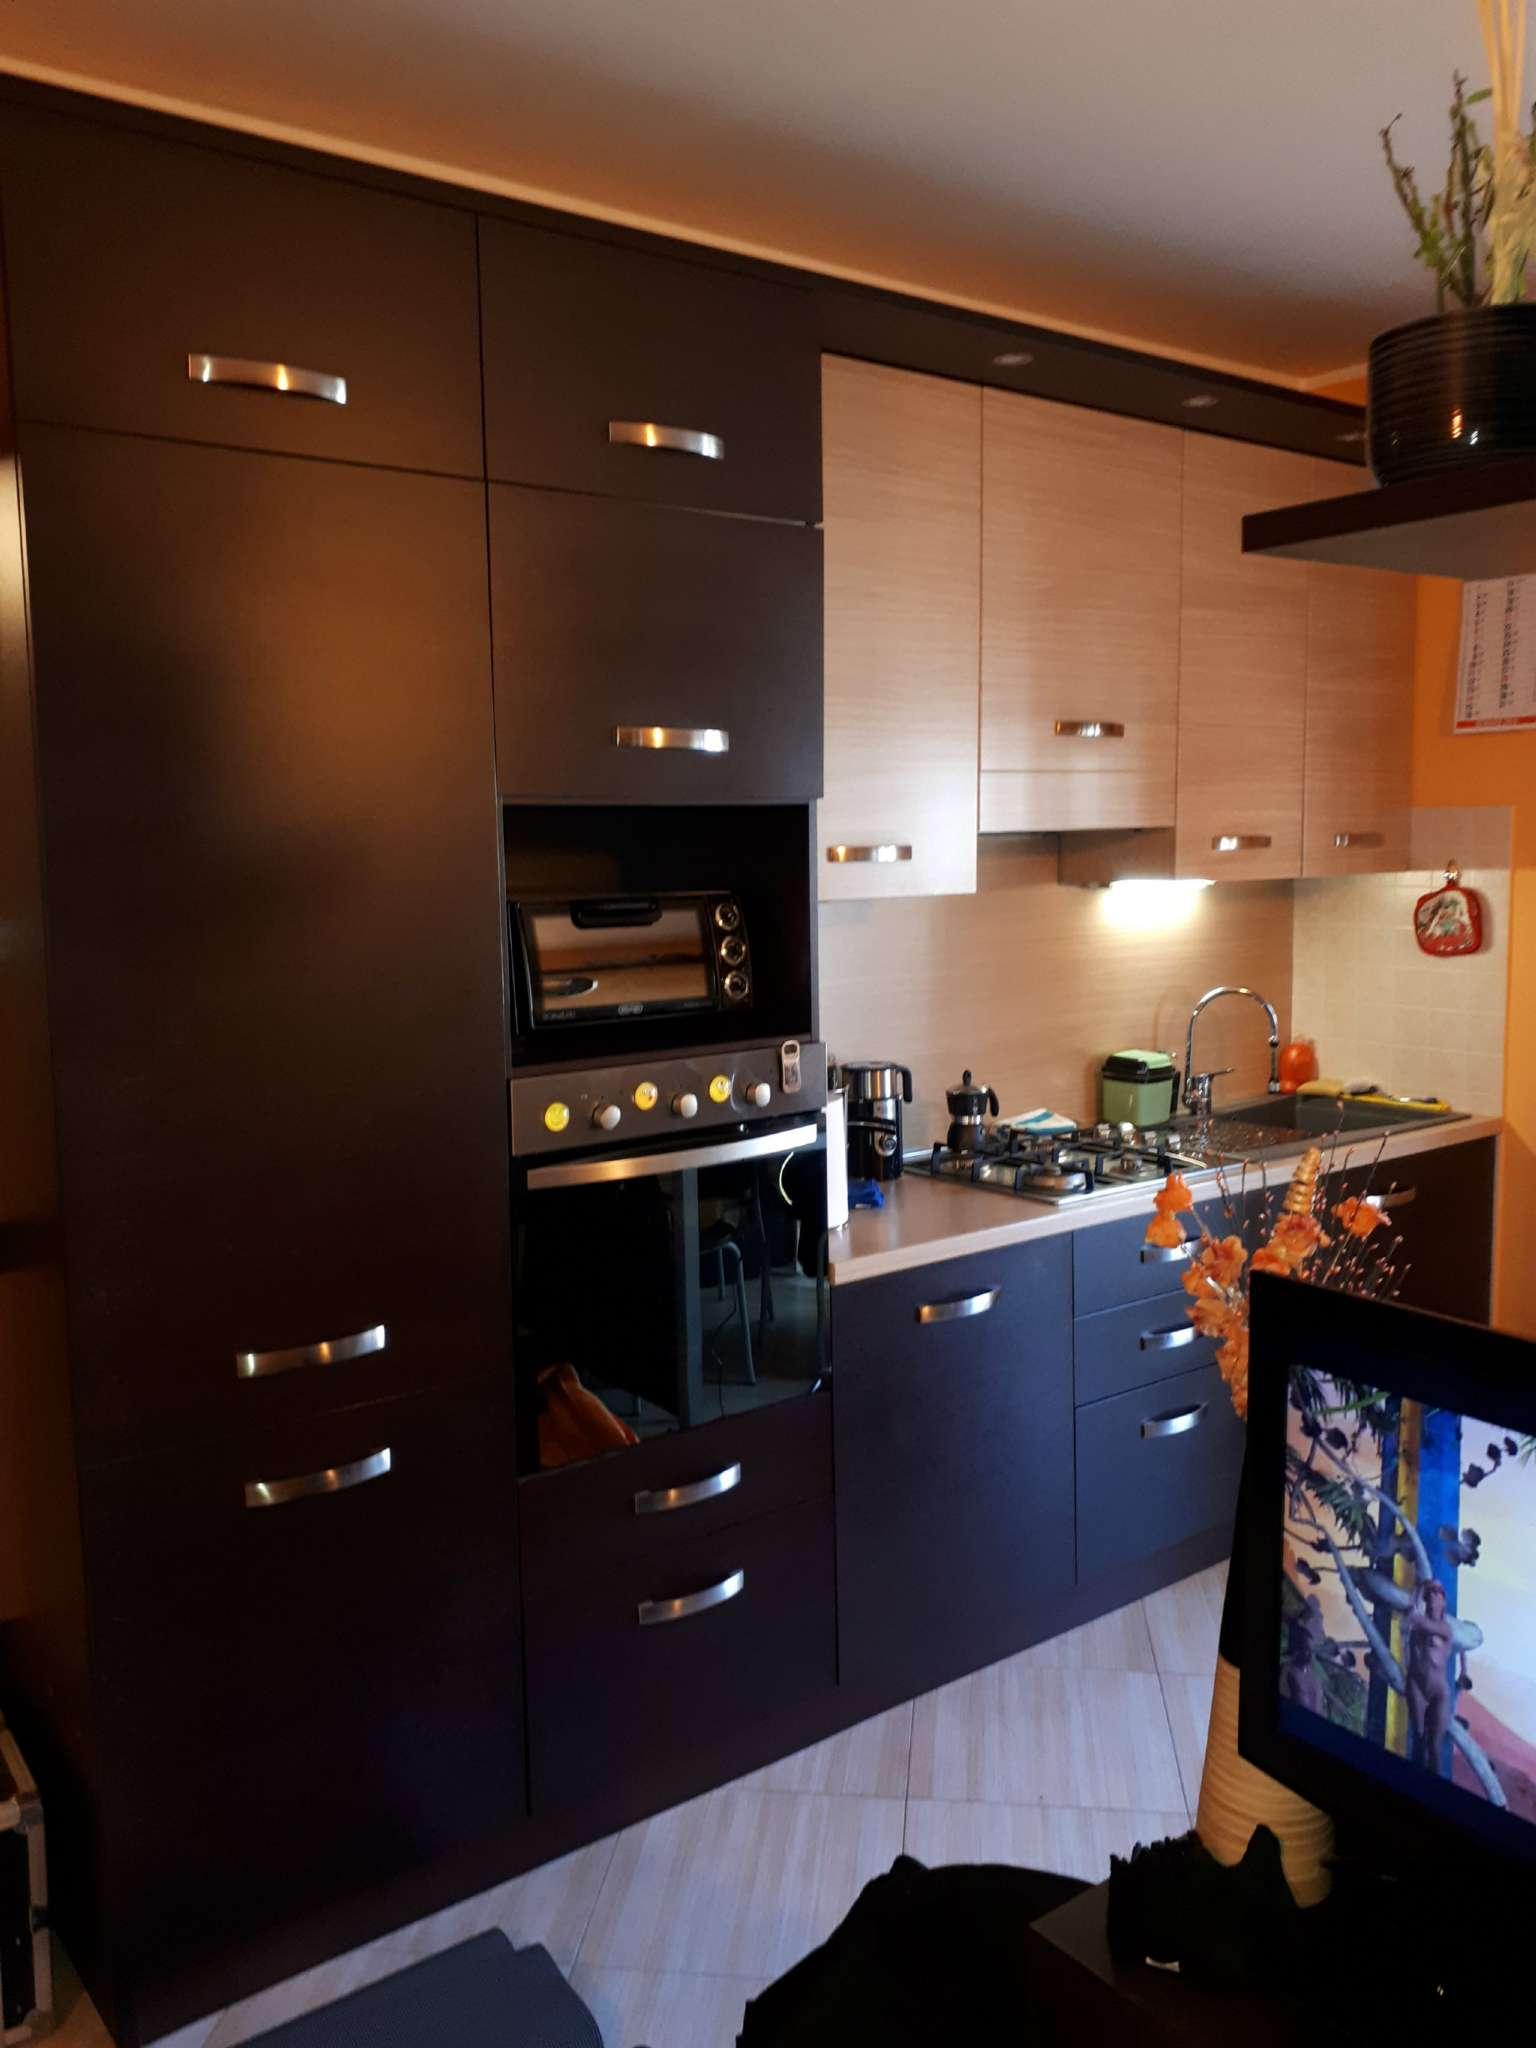 Appartamento in vendita a Gerenzano, 2 locali, prezzo € 125.000 | CambioCasa.it